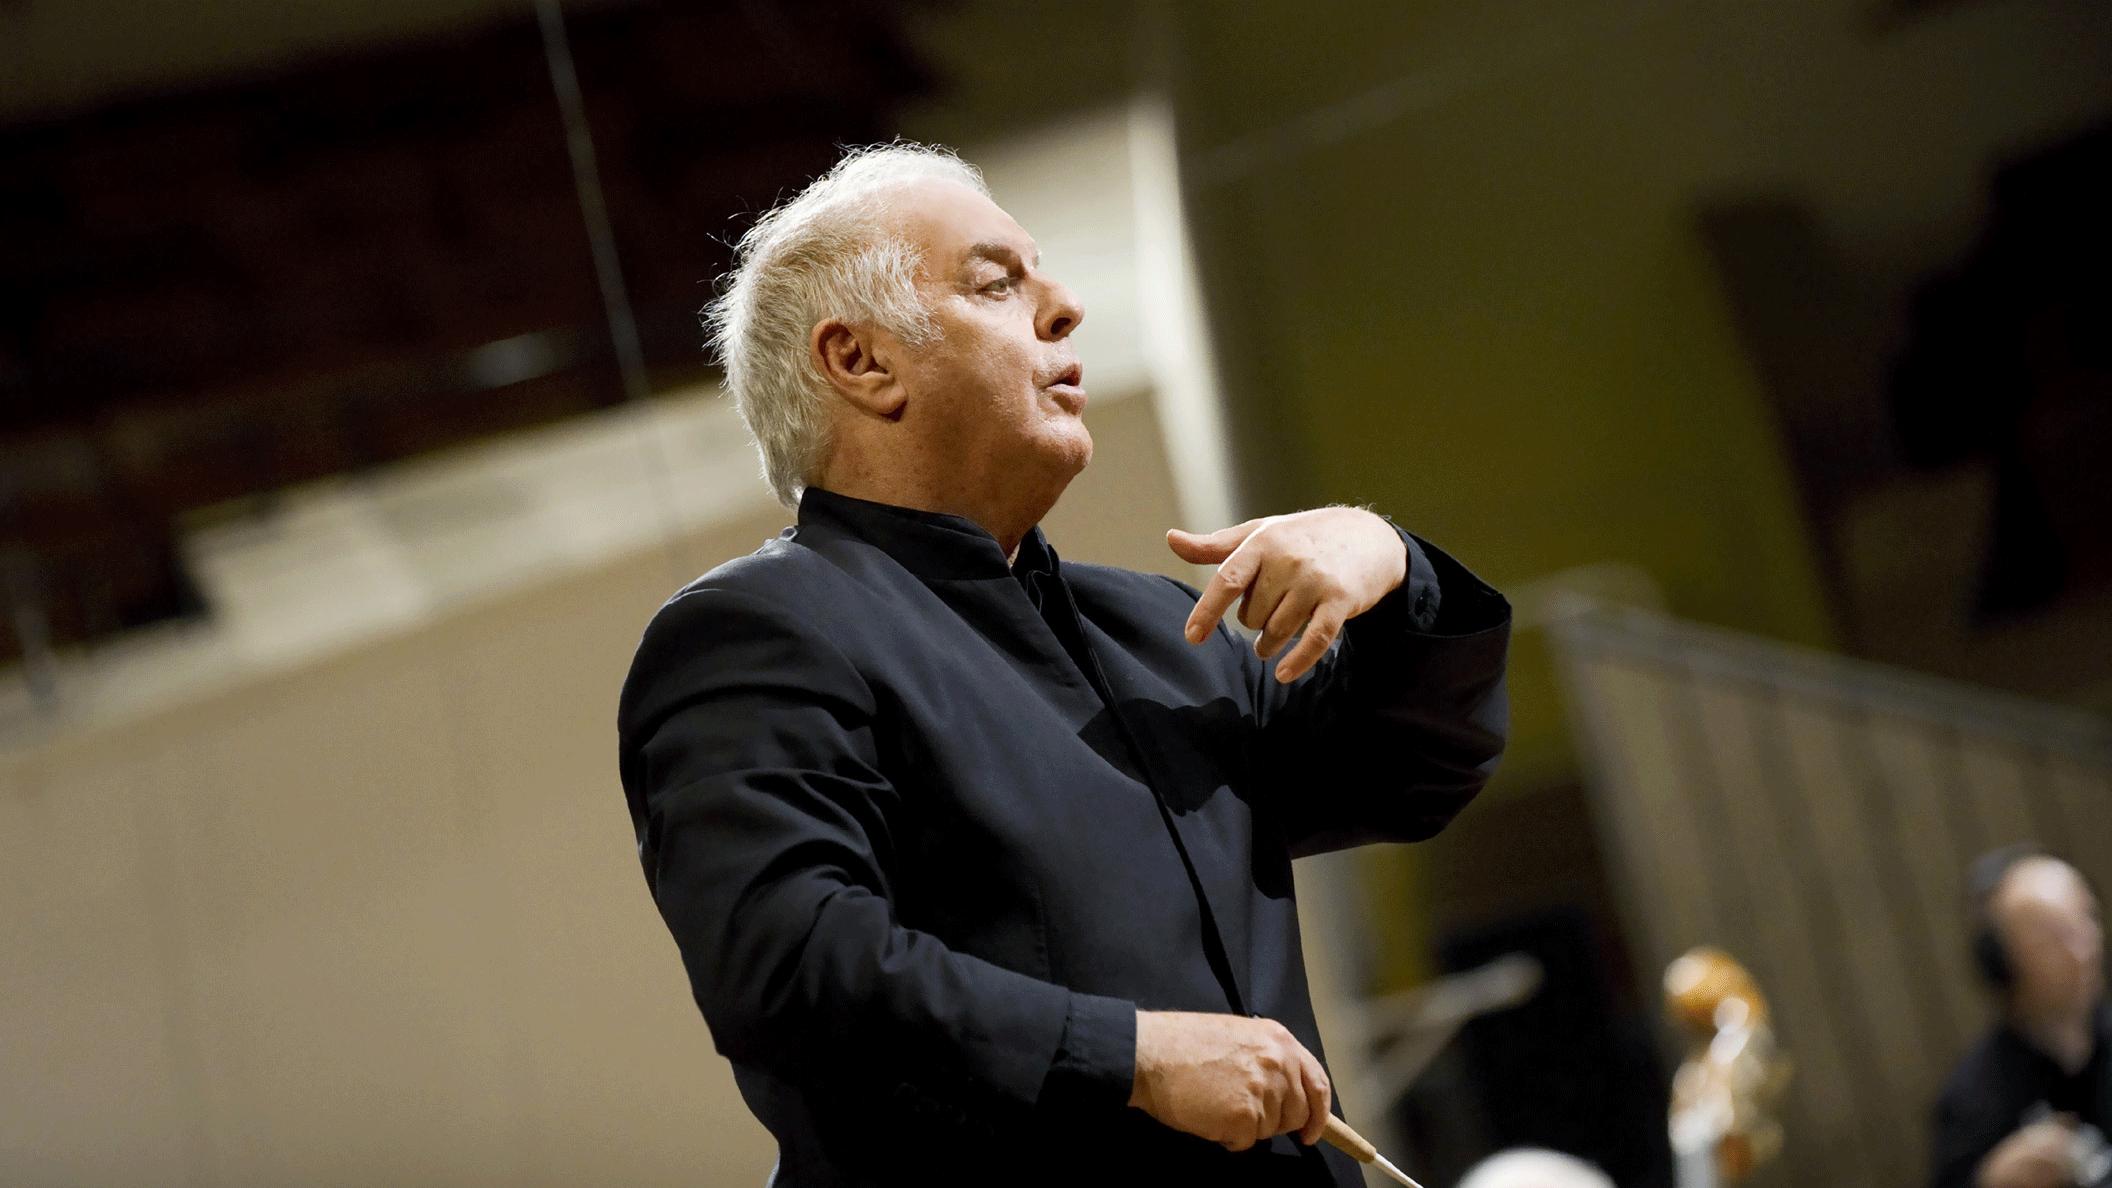 Daniel Barenboim conducts Bruckner's Symphony No. 7